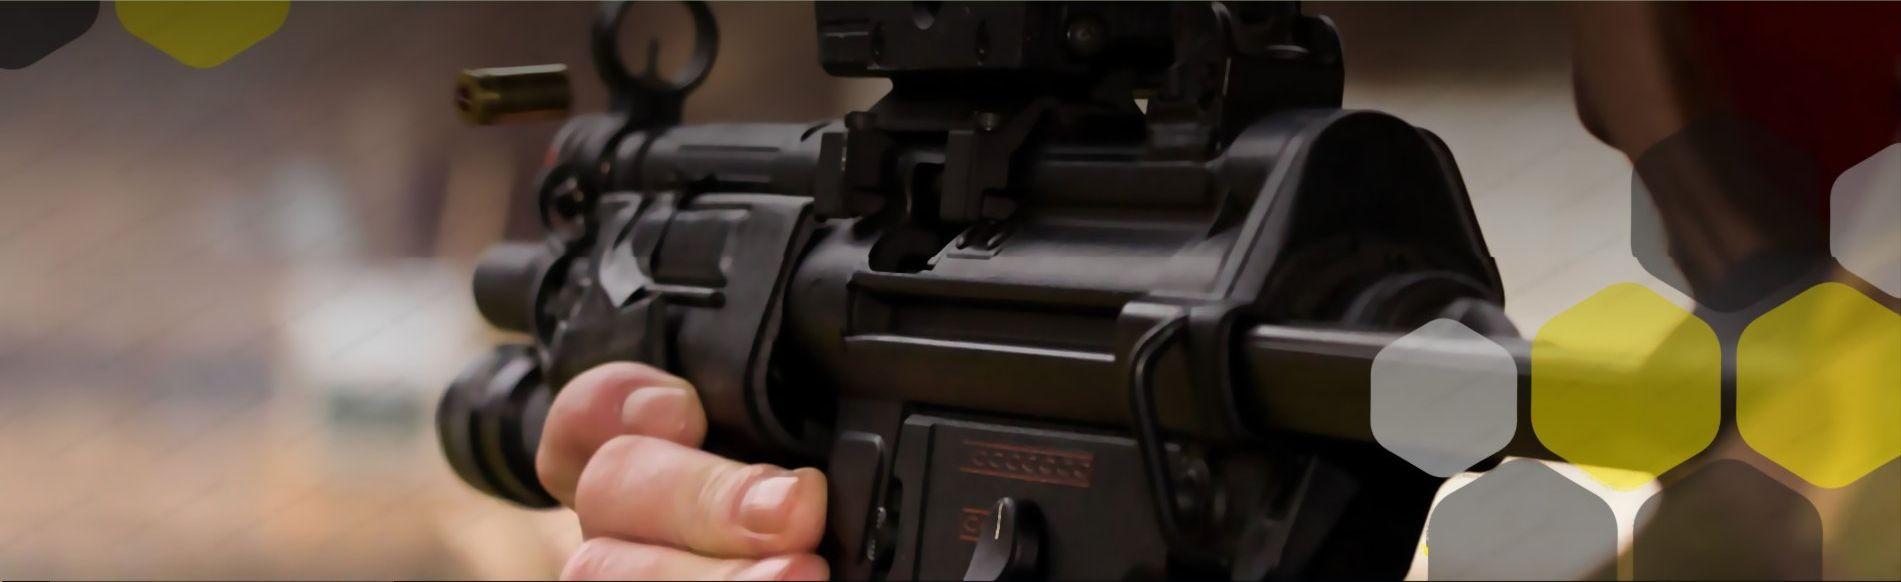 Campeonato Insular R.R.T.T. – Mini Rifle 4/04/2020